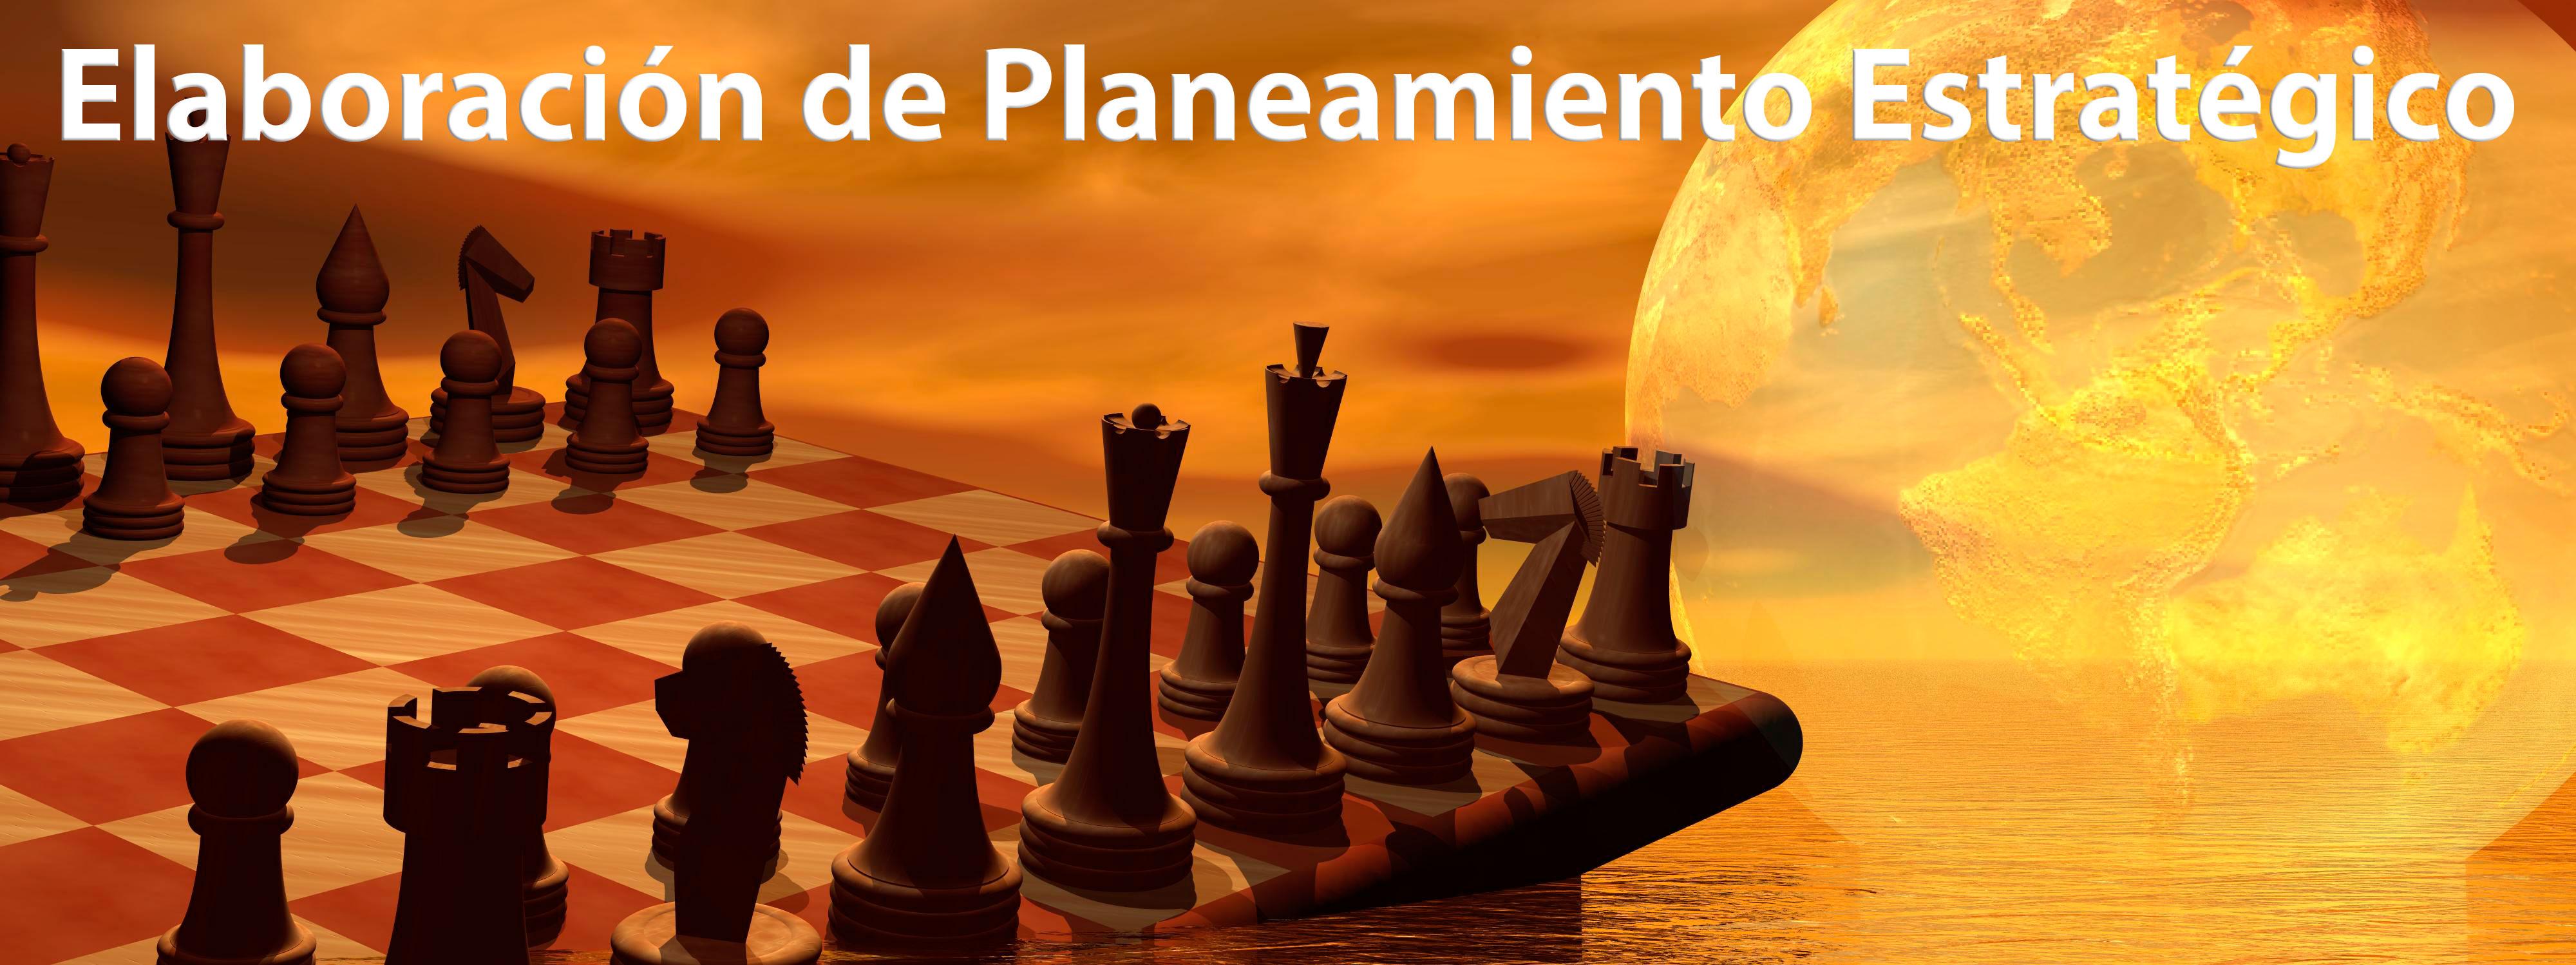 planeamiento-estrategico2